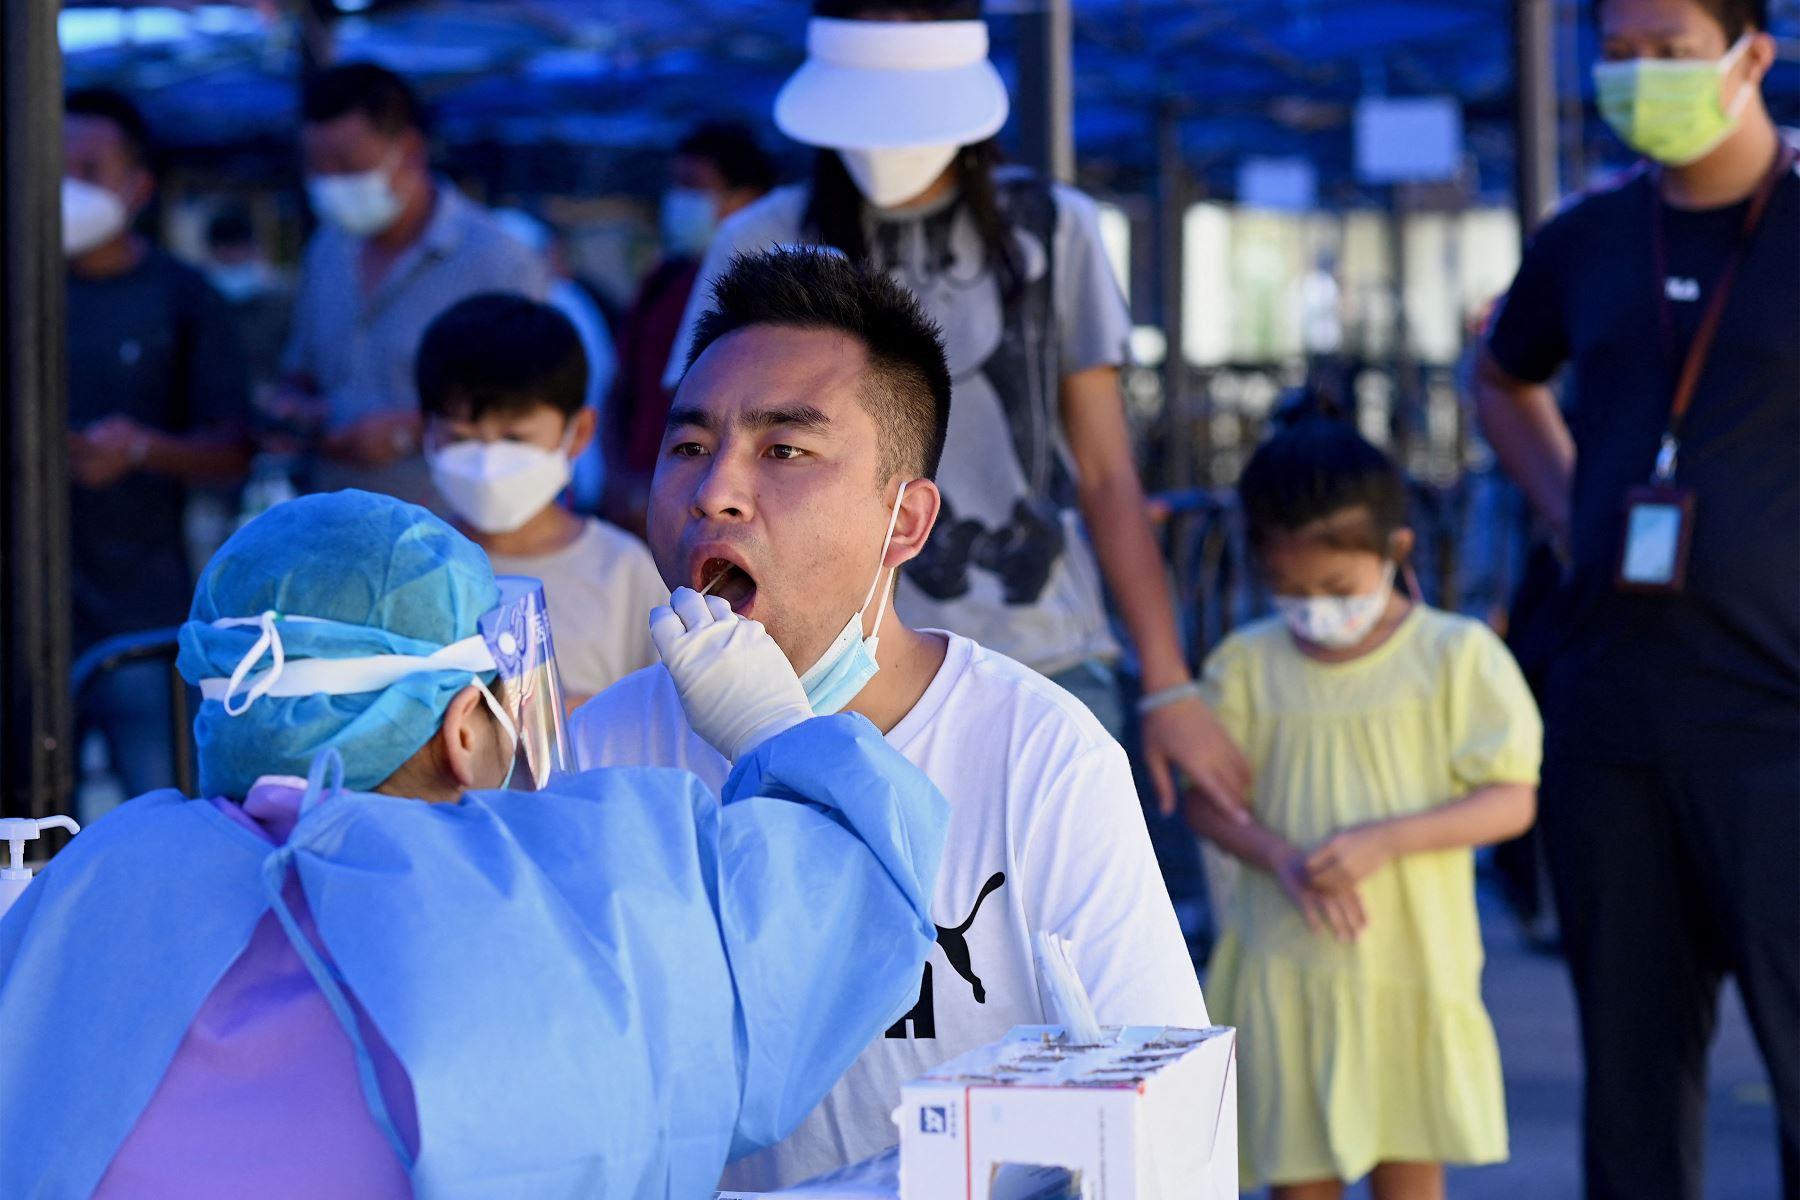 Un trabajador de la salud toma una muestra de ácido nucleico para el coronavirus Covid-19 en la terminal de pasajeros que llegan a la estación de tren de Zhuhai en Zhuhai, en la provincia de Guangdong, en el sur de China. Foto: AFP